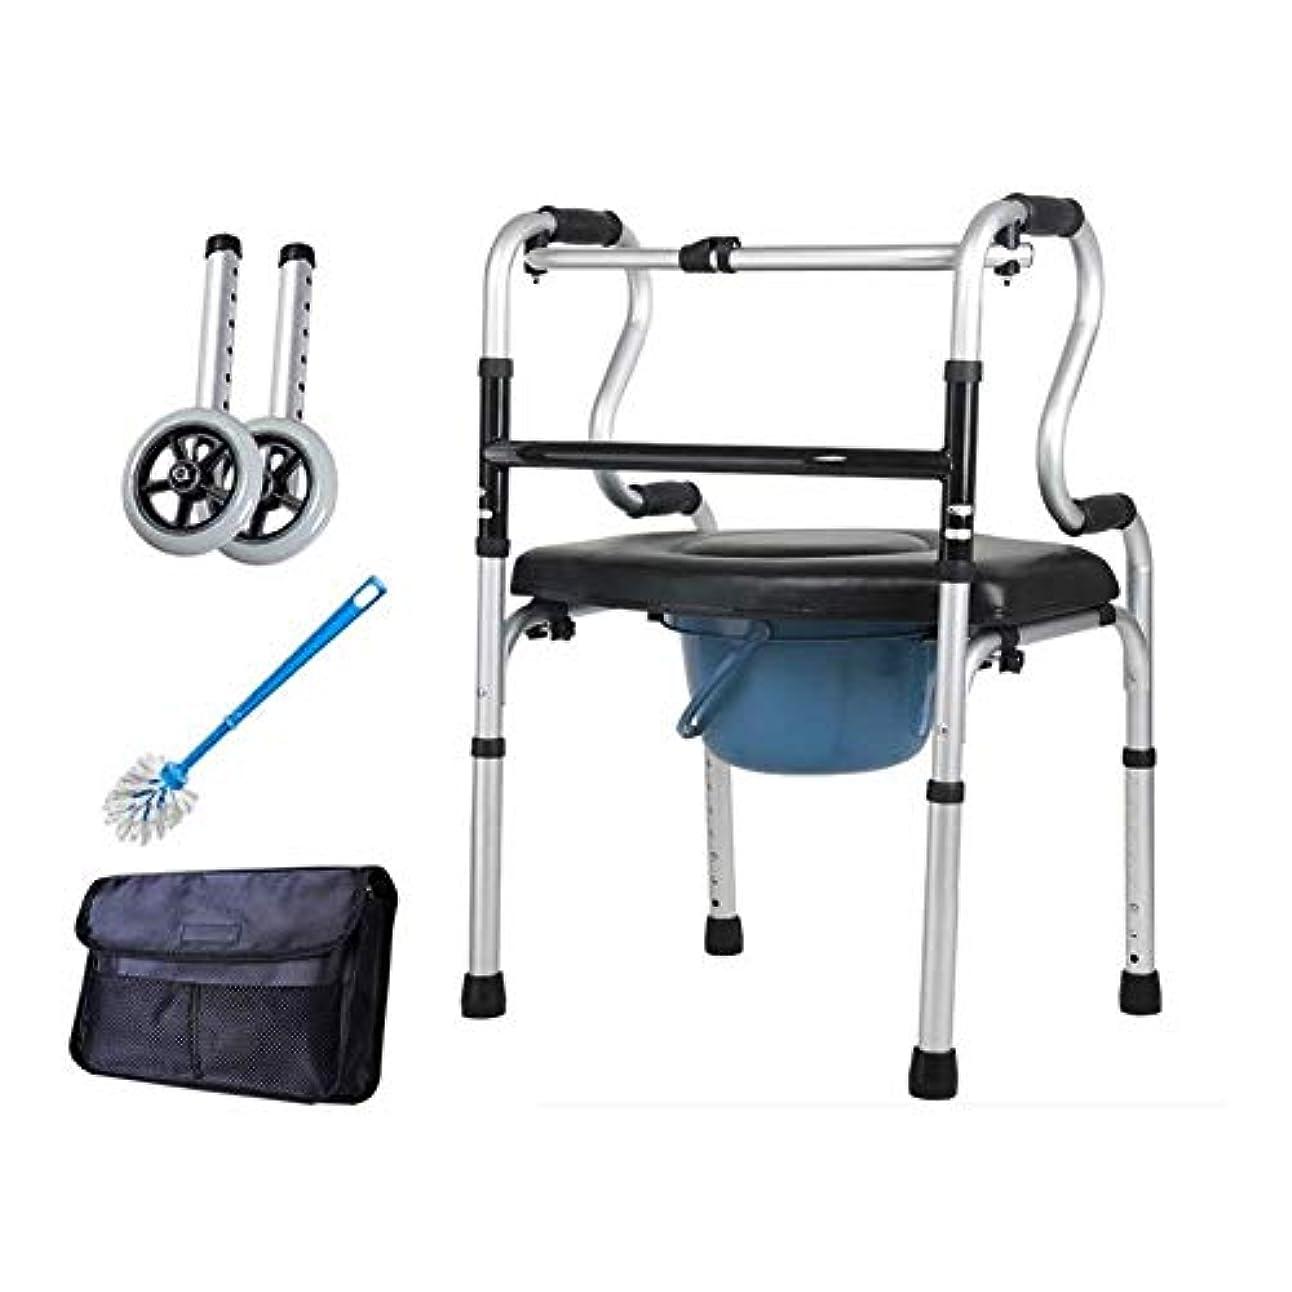 抱擁意志優先軽量アルミニウム歩行トロリー、折りたたみ式調節可能な歩行装置、便器付き防水ソフトシート、キャリーバッグ